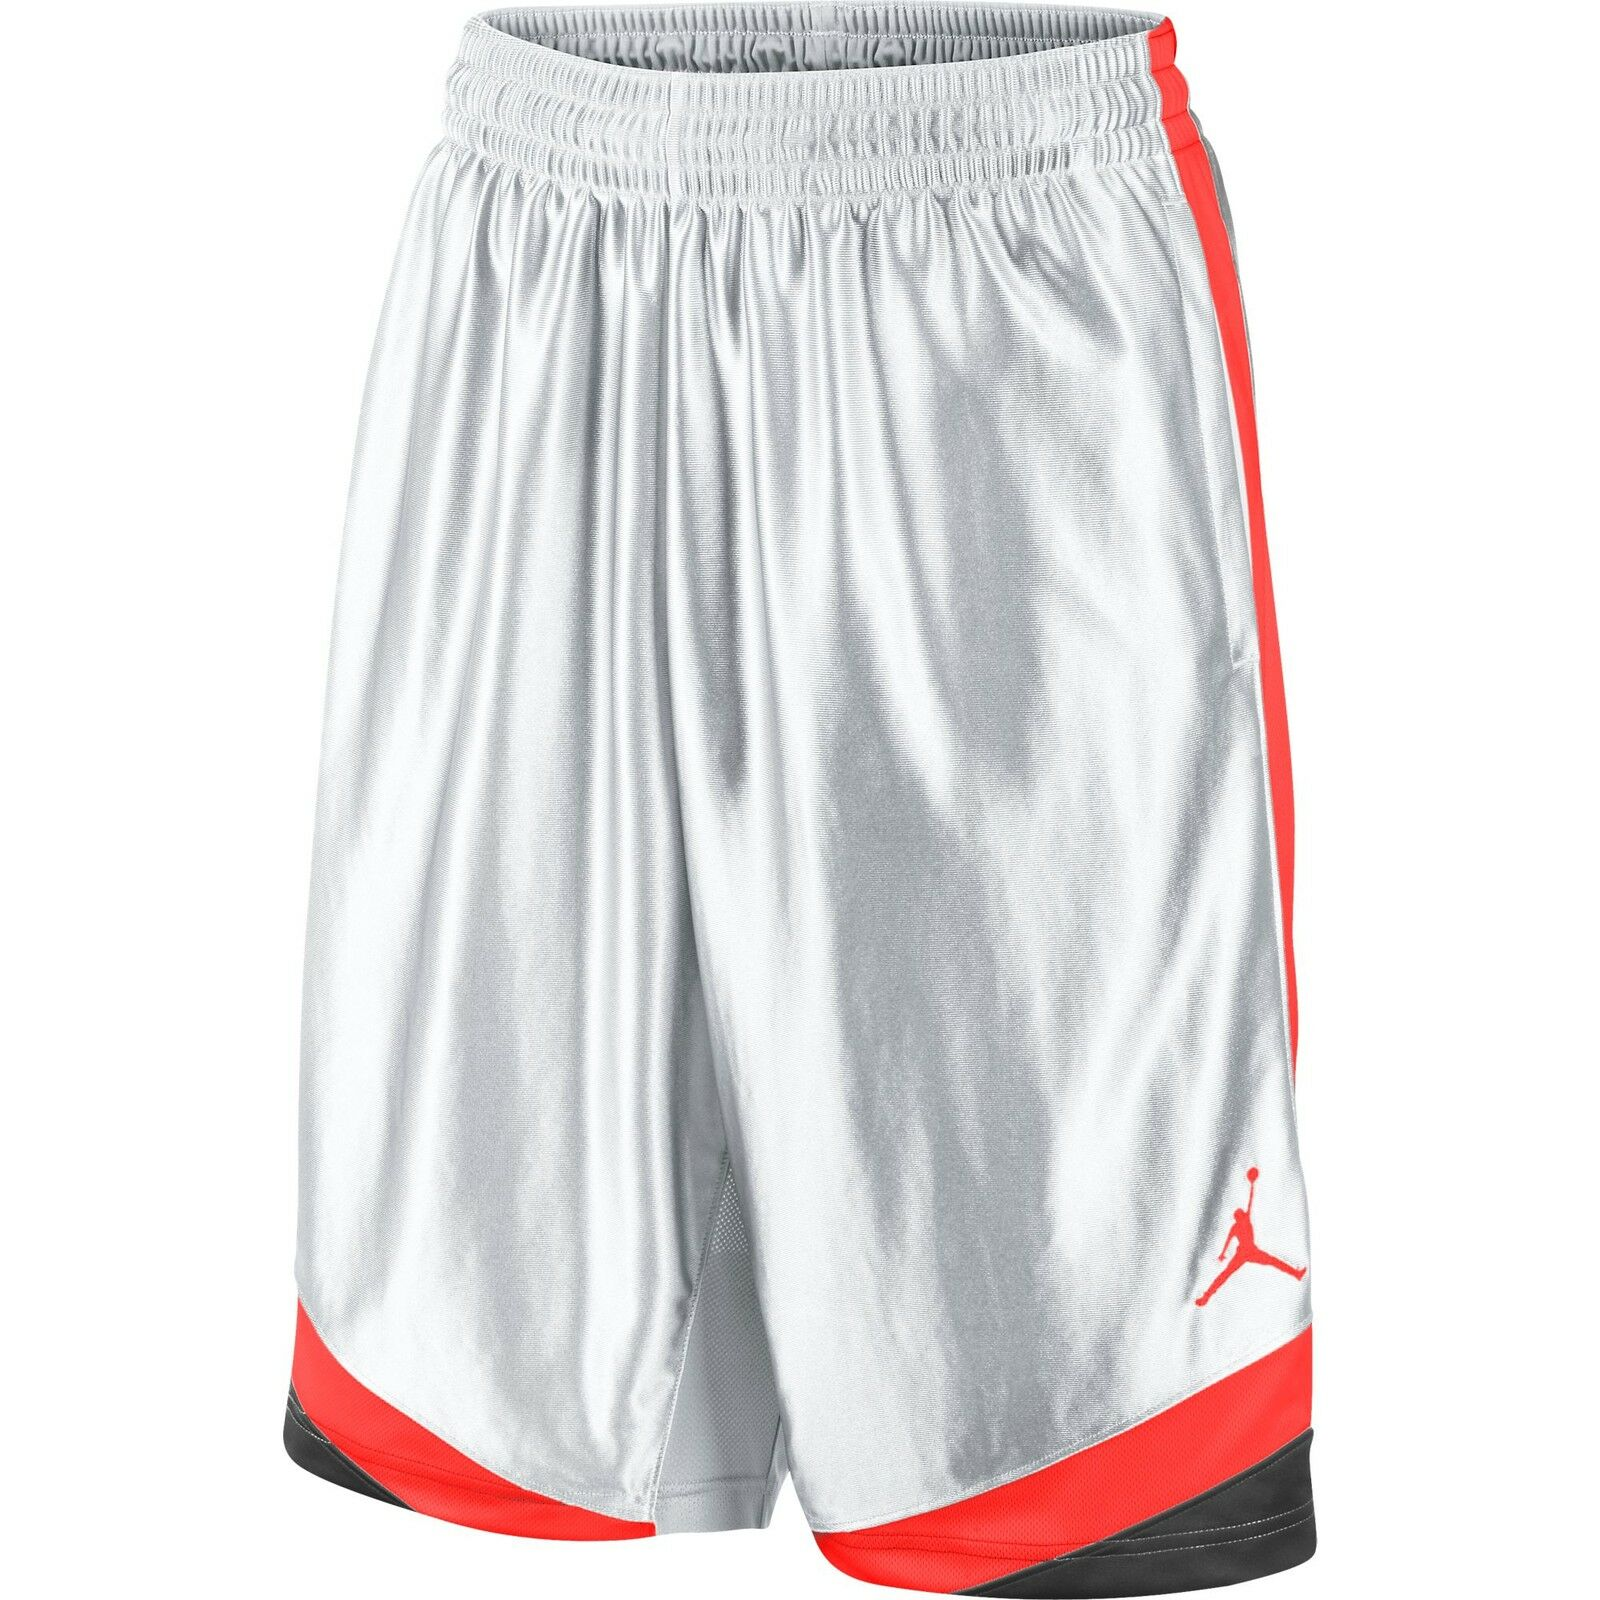 Jordan Court Vision Men's Basketball Shorts White bluee Infrared 576638-104